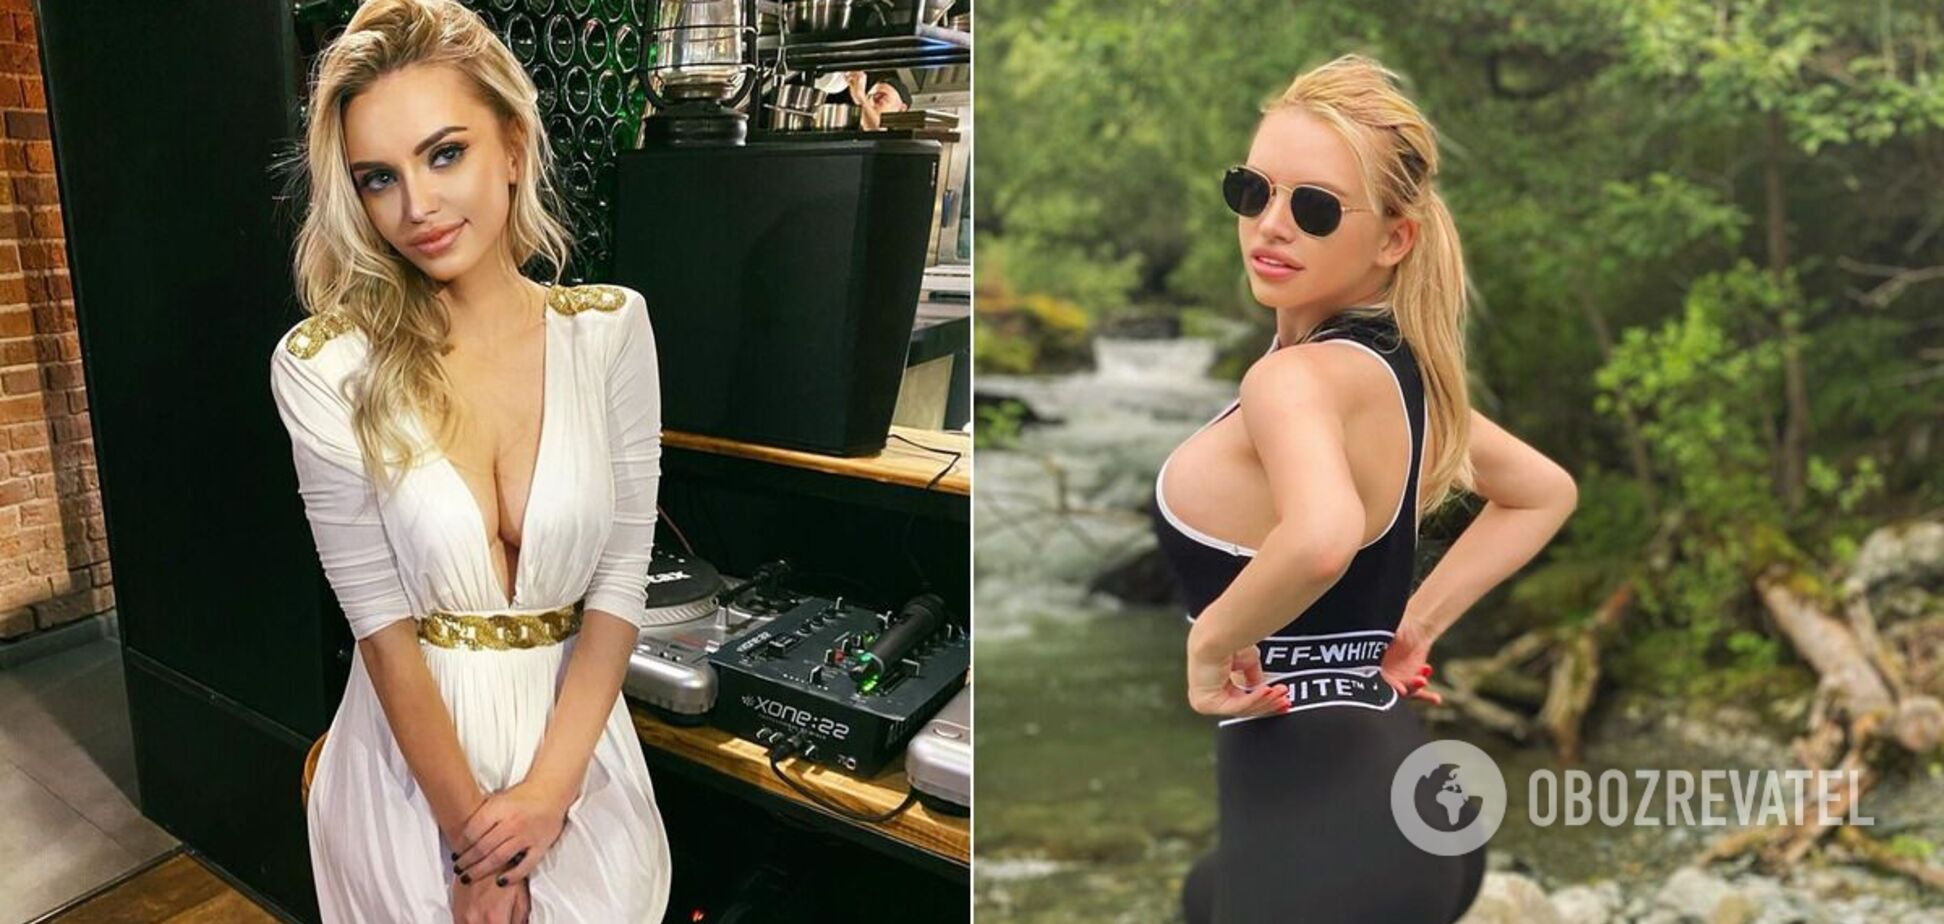 Экс-жена Кержакова о жизни с футболистом: получила удар поголове иупала лицом накафель